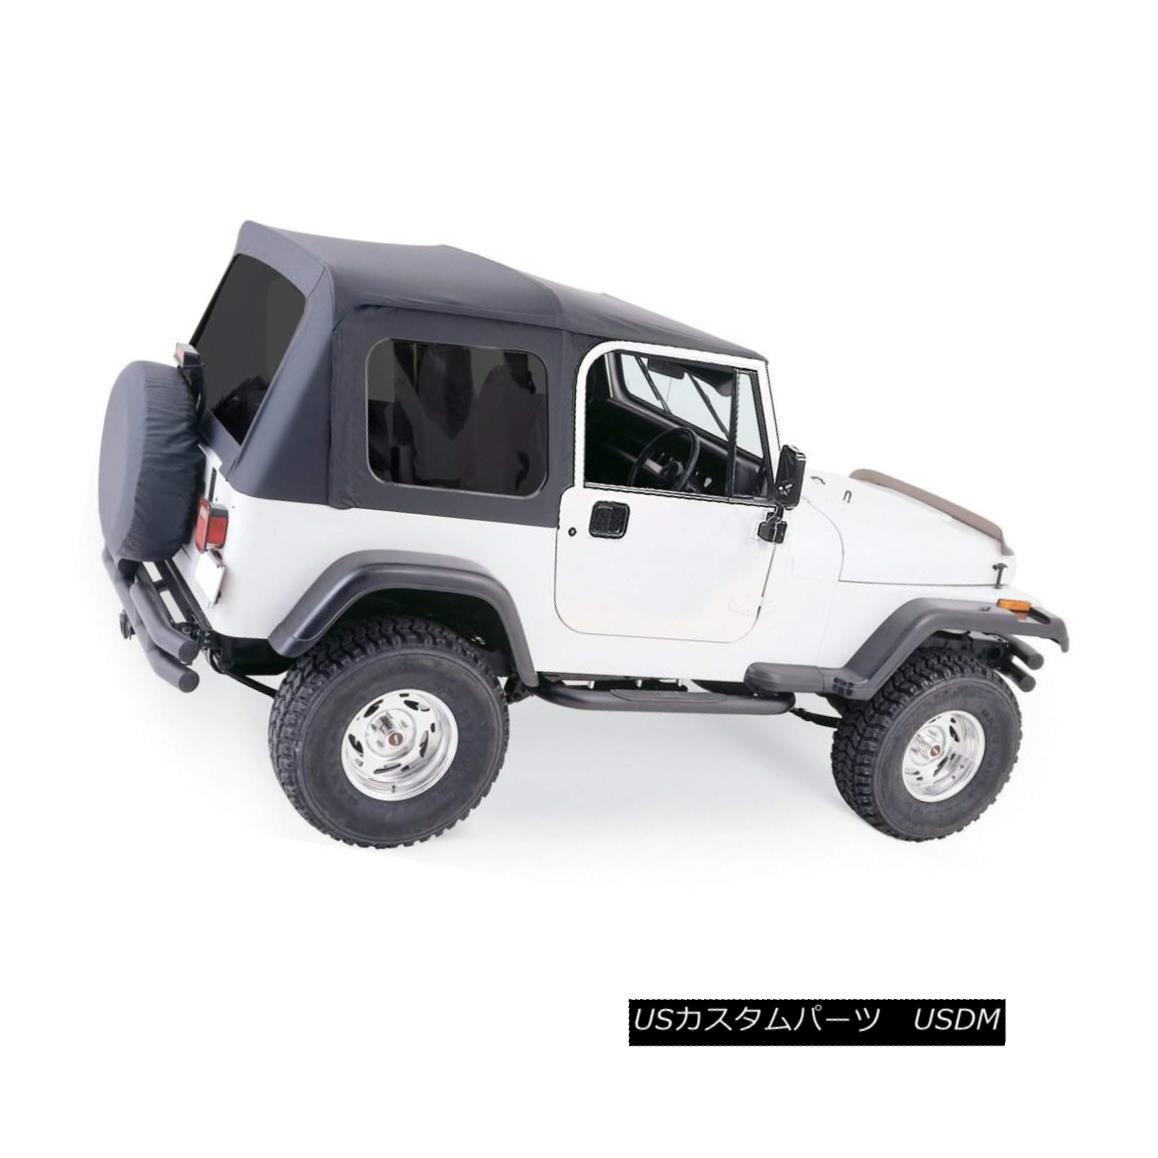 幌・ソフトトップ Rampage New Soft Top Black Jeep Wrangler 1987-1995 ランペイジ新ソフトトップブラックジープラングラー1987-1995